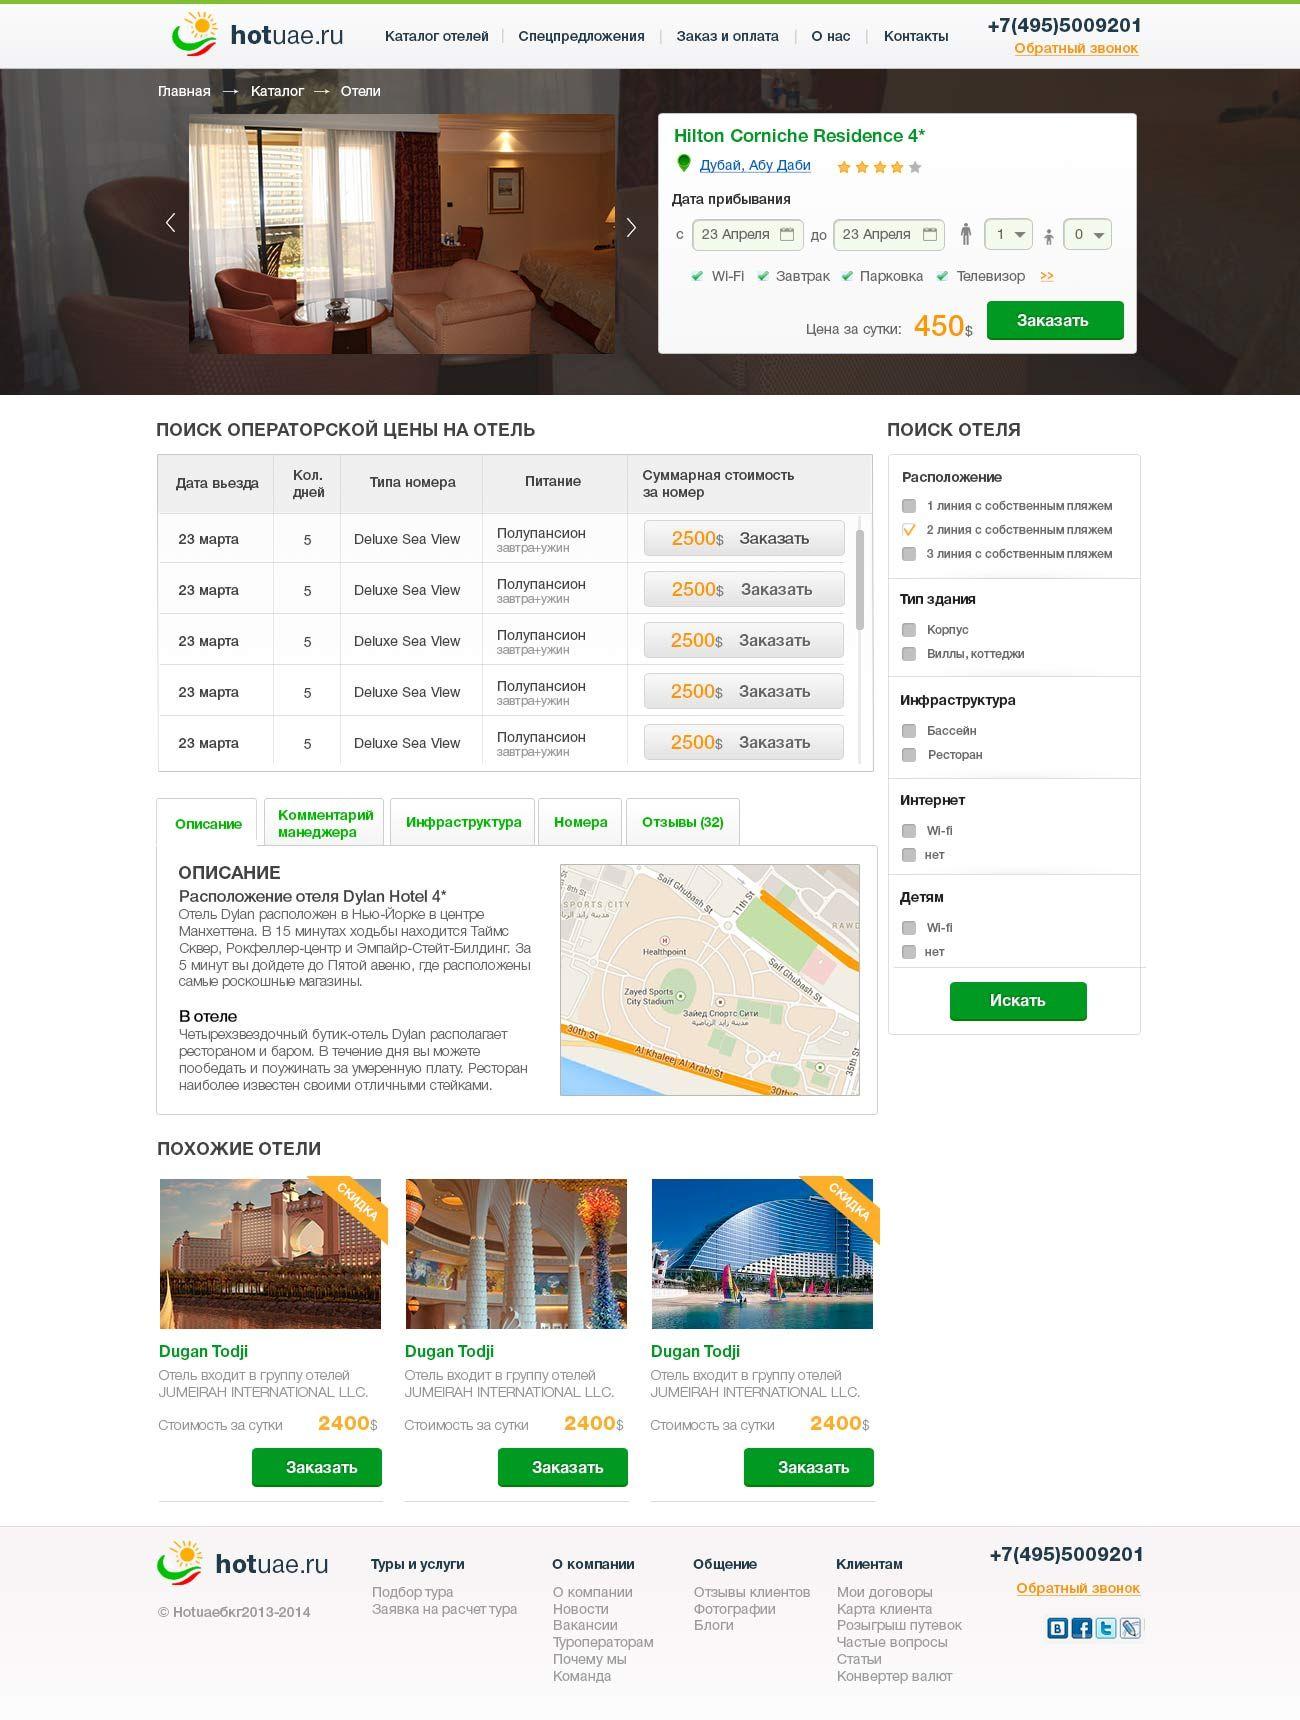 Страница сайта по продаже проживания в отеле - дизайнер roma_d